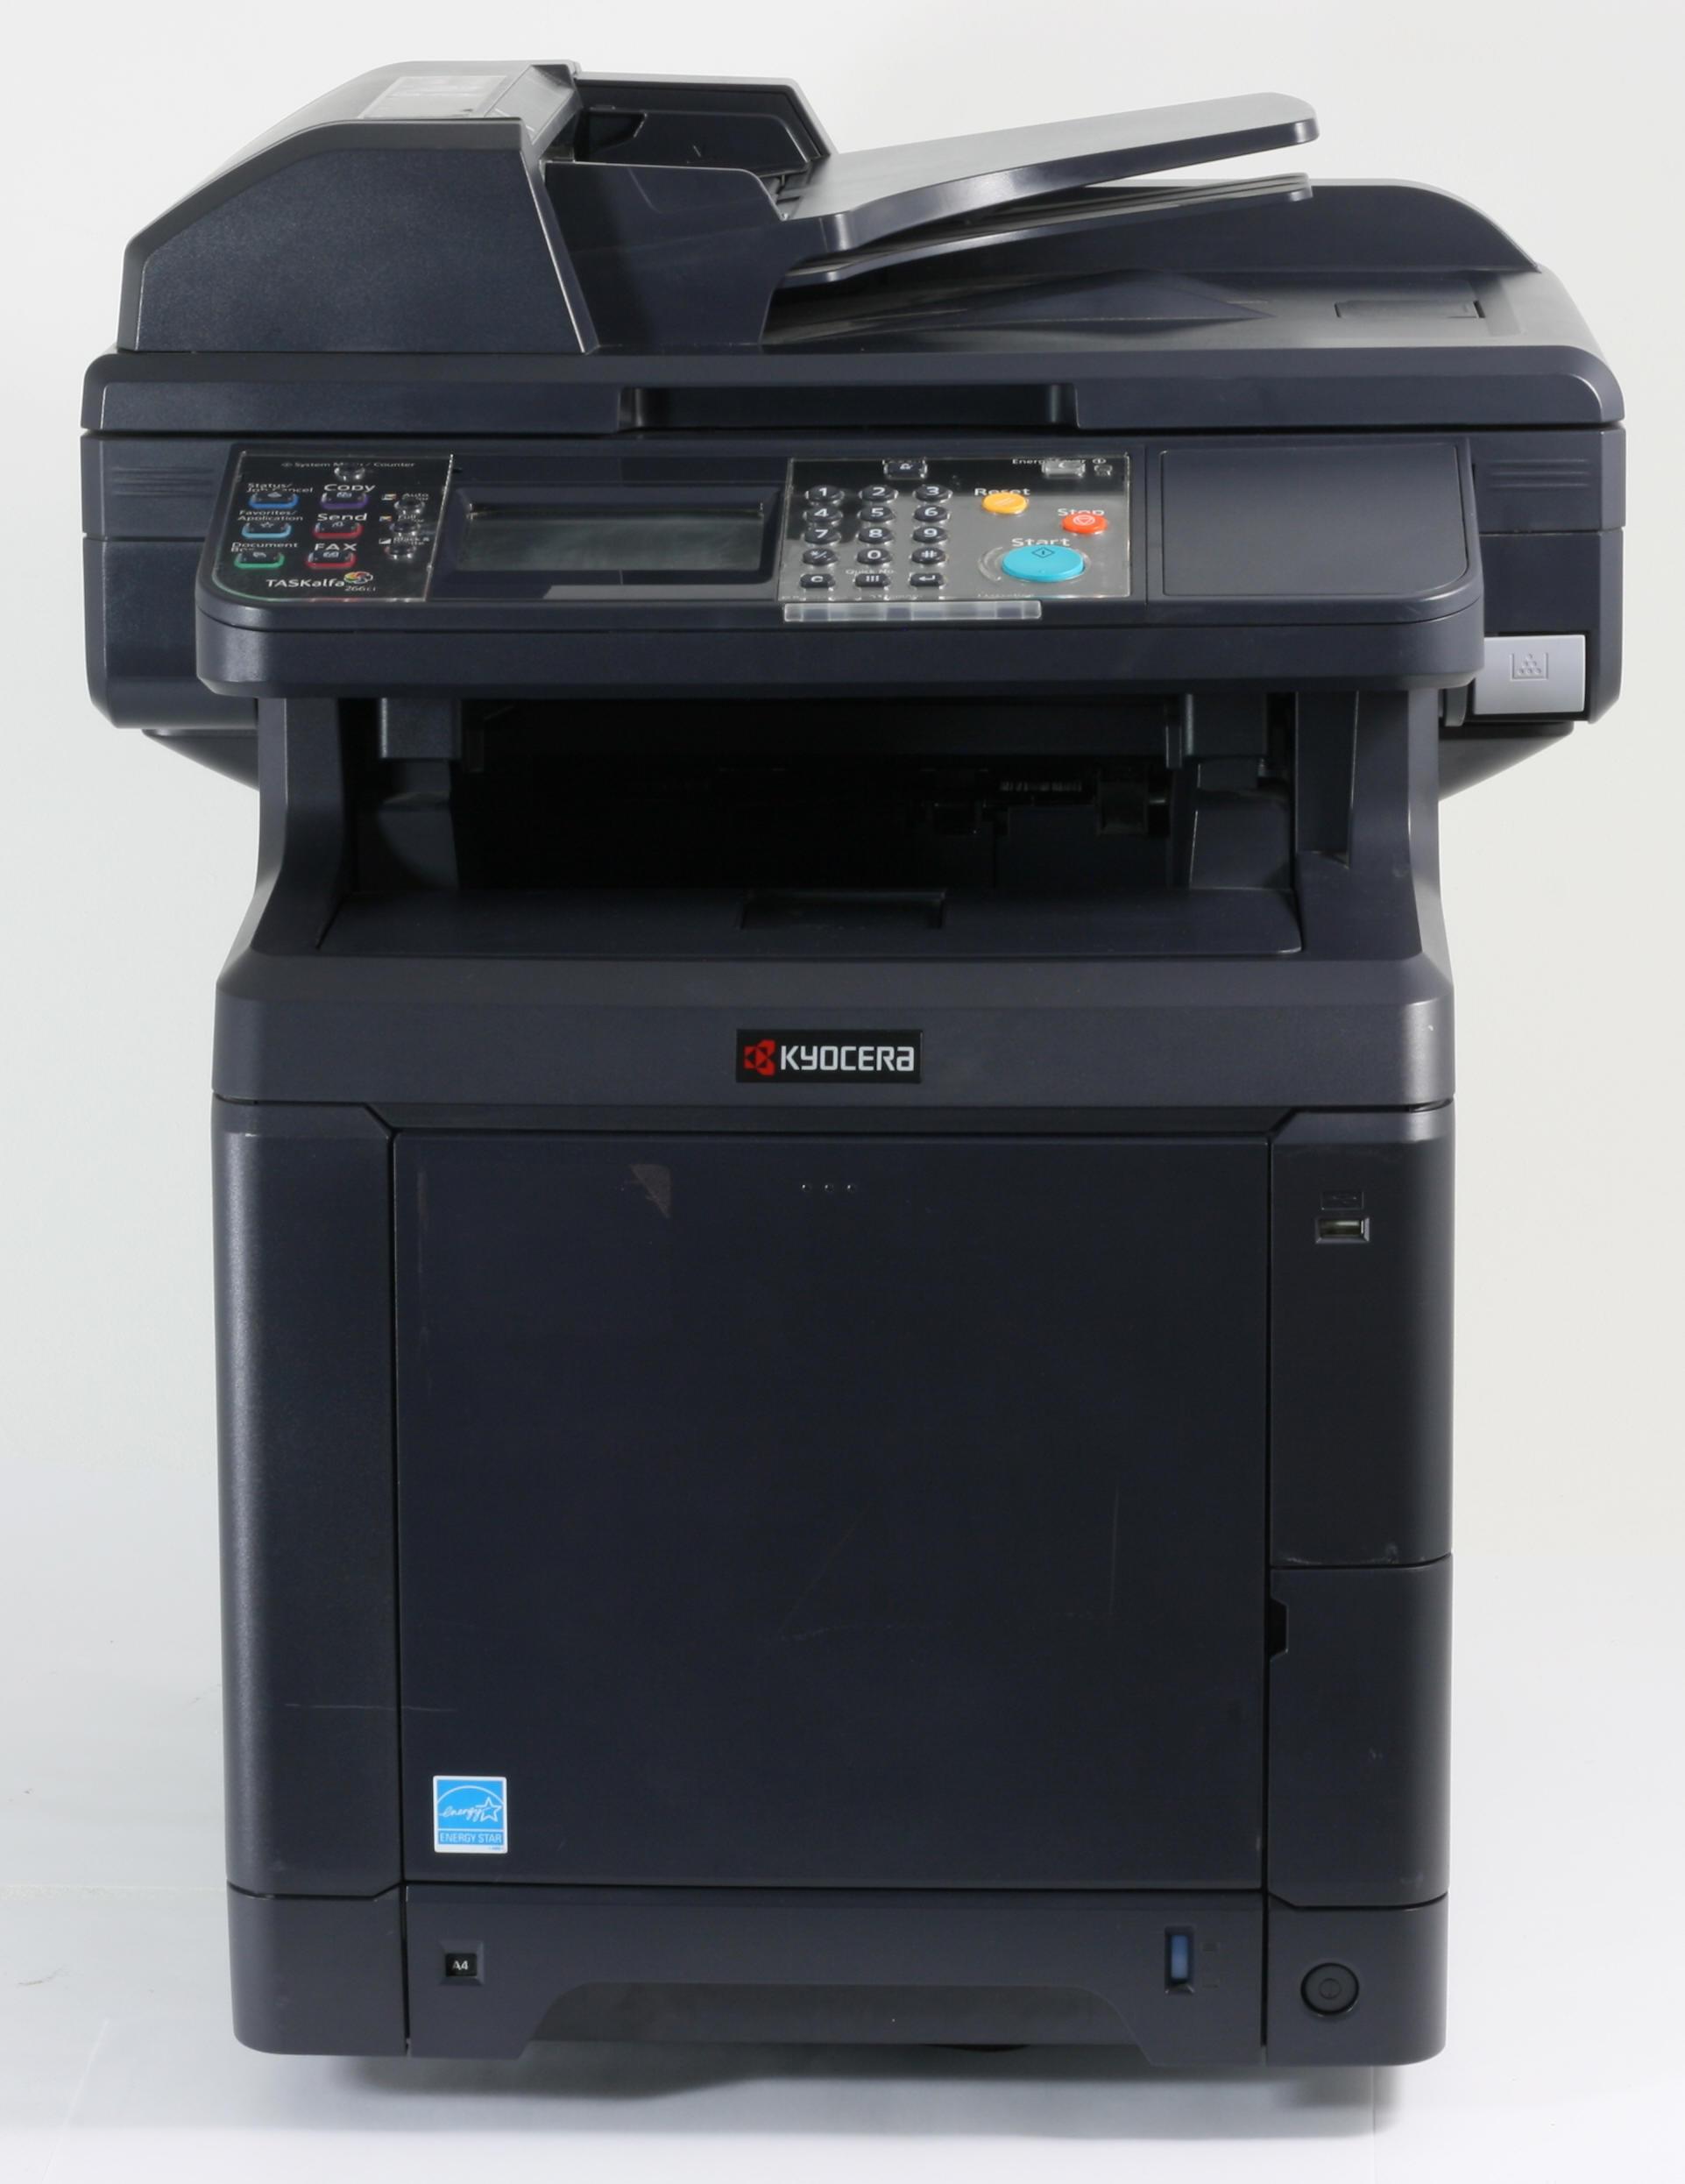 Kyocera Taskalfa 266ci MFP Drucker Laserdrucker Kopierer Scanner Fax Color gebraucht /  nicht zutreffend